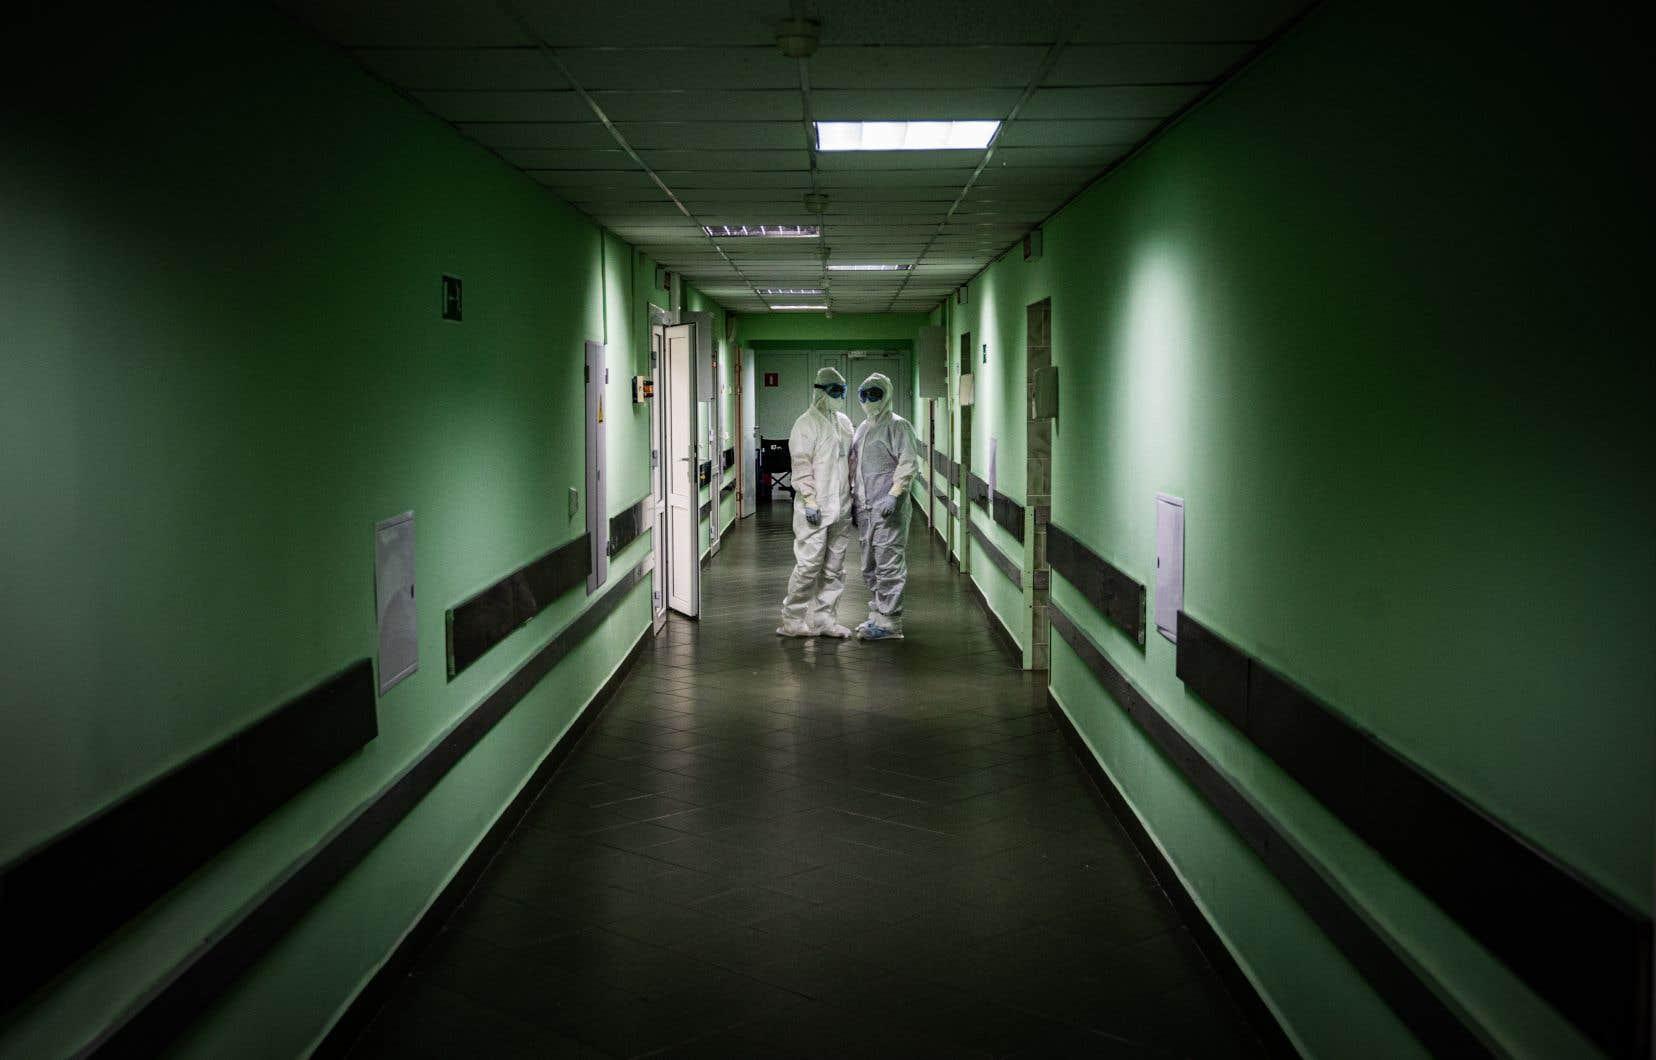 Les autorités russes ont indiqué mardi qu'au moins 101 soignants sont morts du coronavirus dans le pays depuis le début de la pandémie.